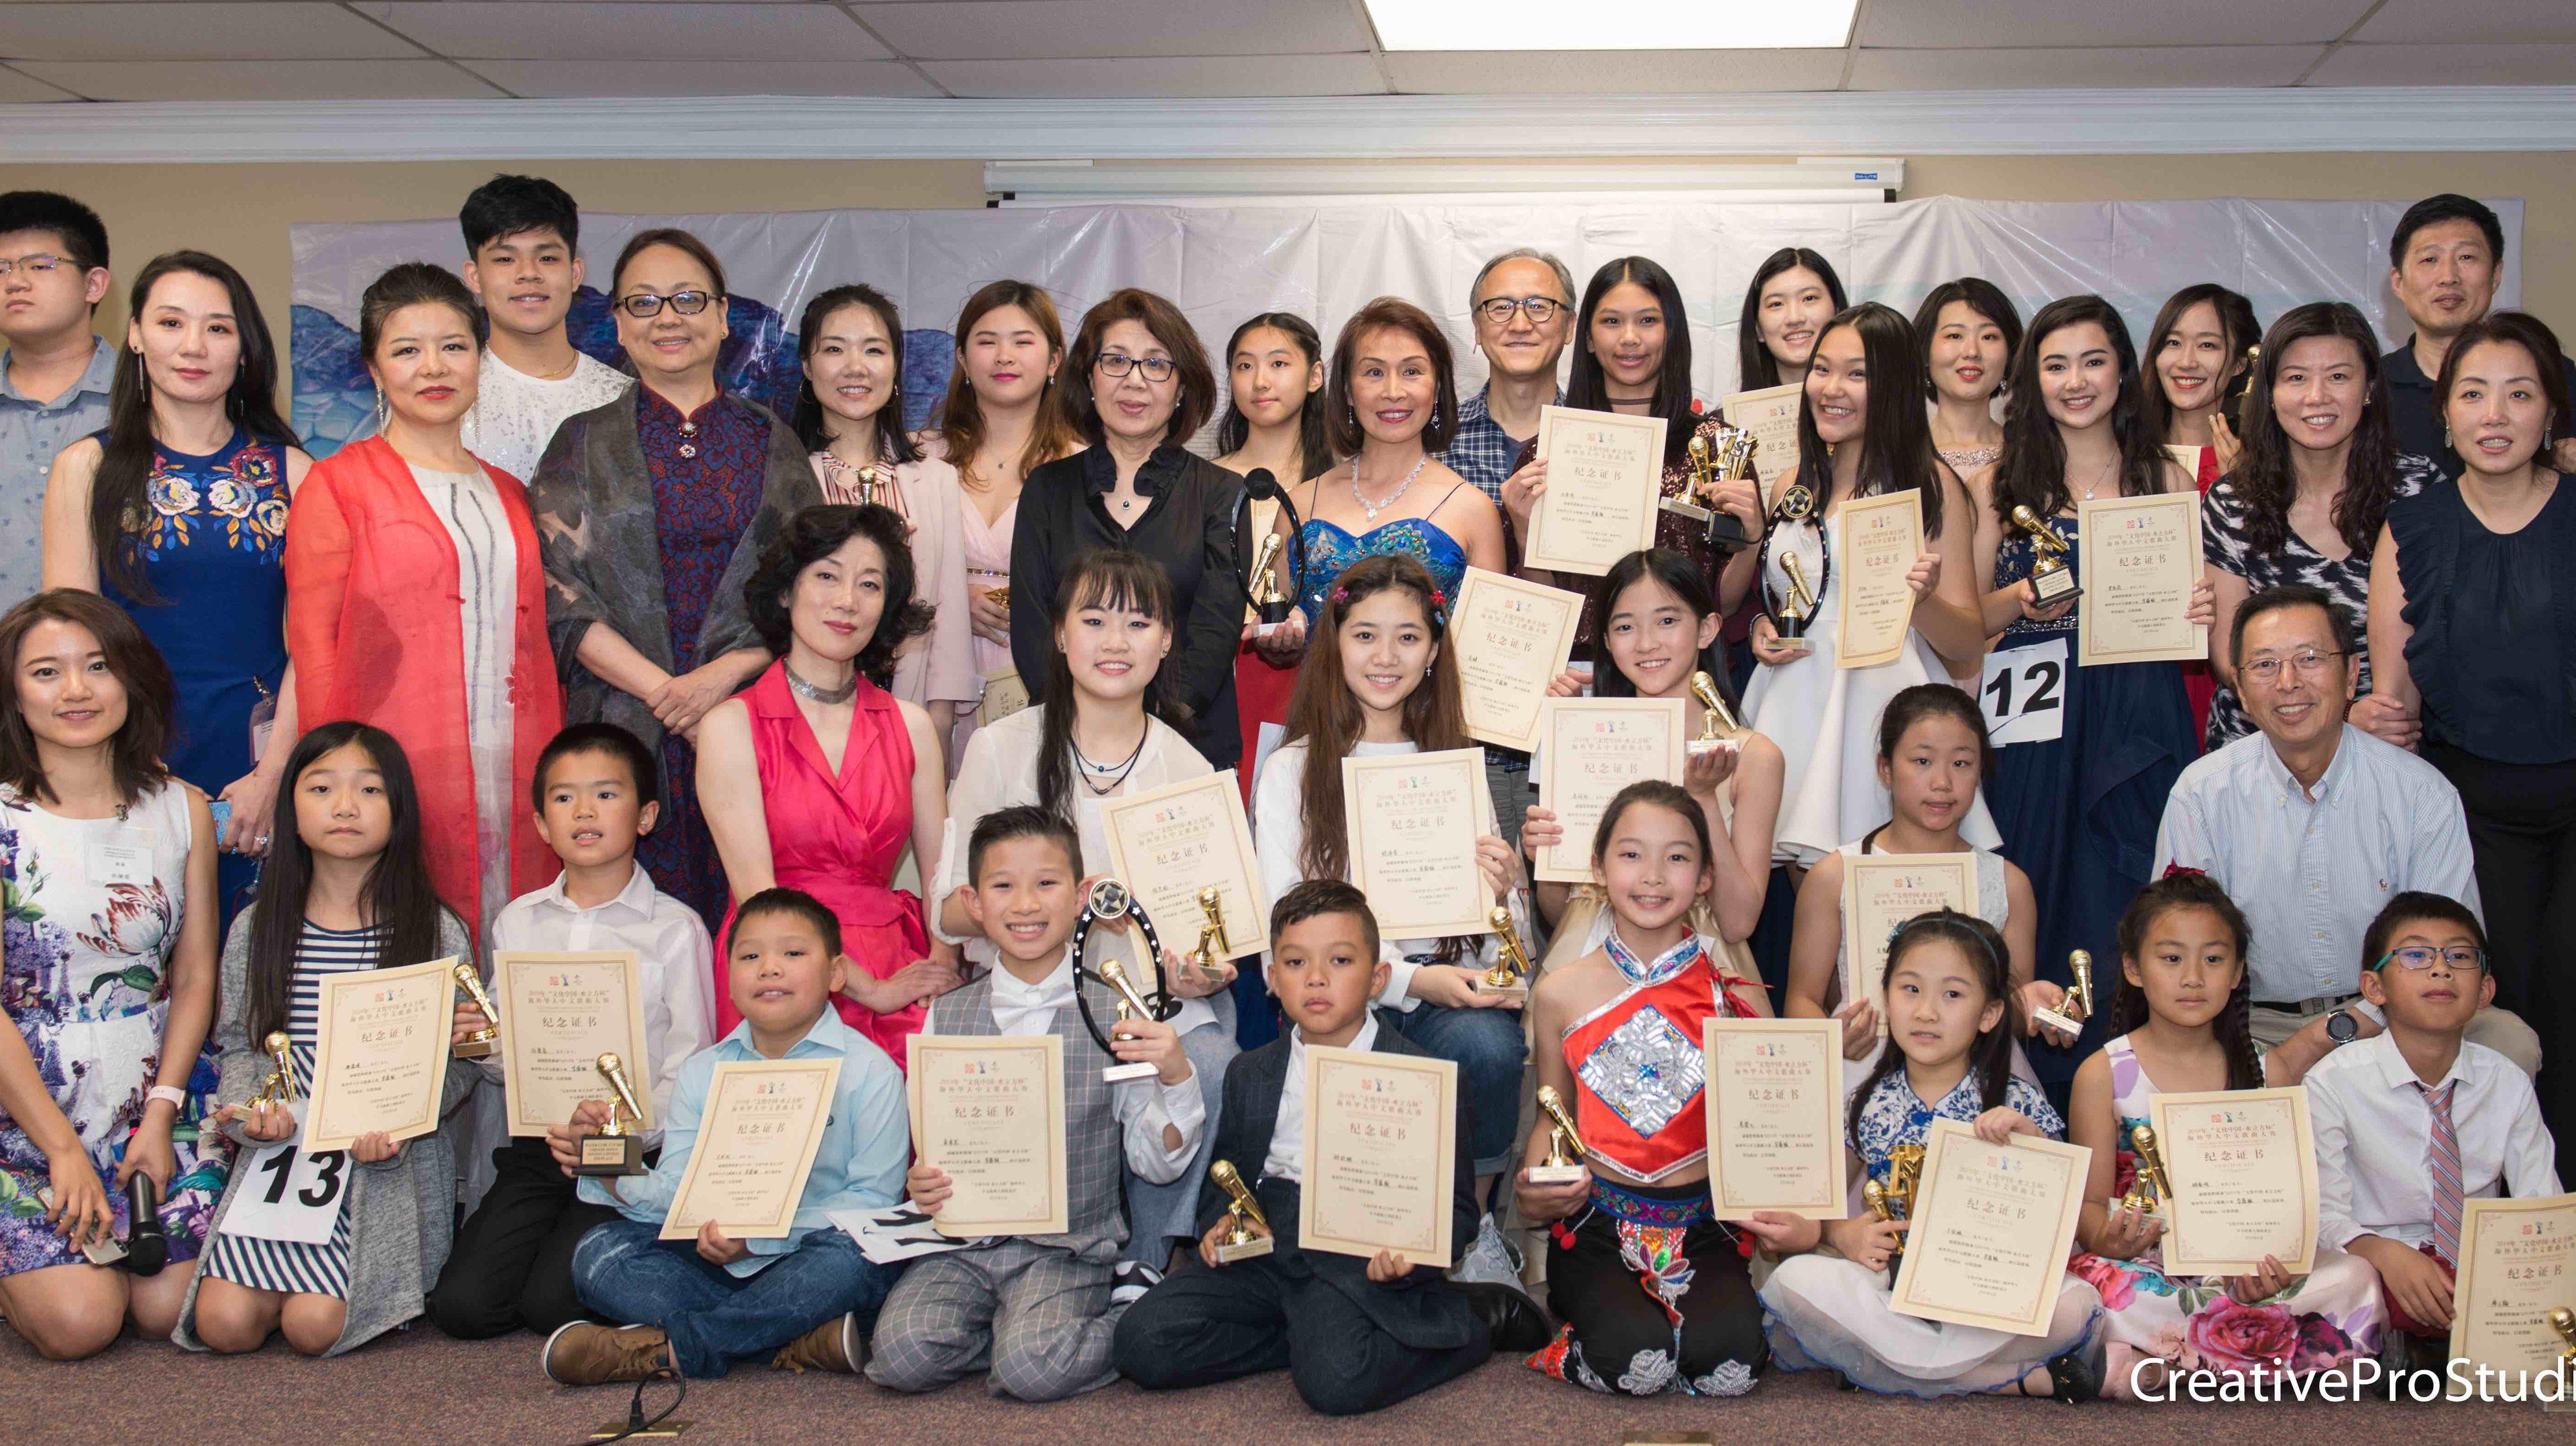 2019水立方杯海外华人中文歌曲大赛华盛顿赛区比赛圆满落幕